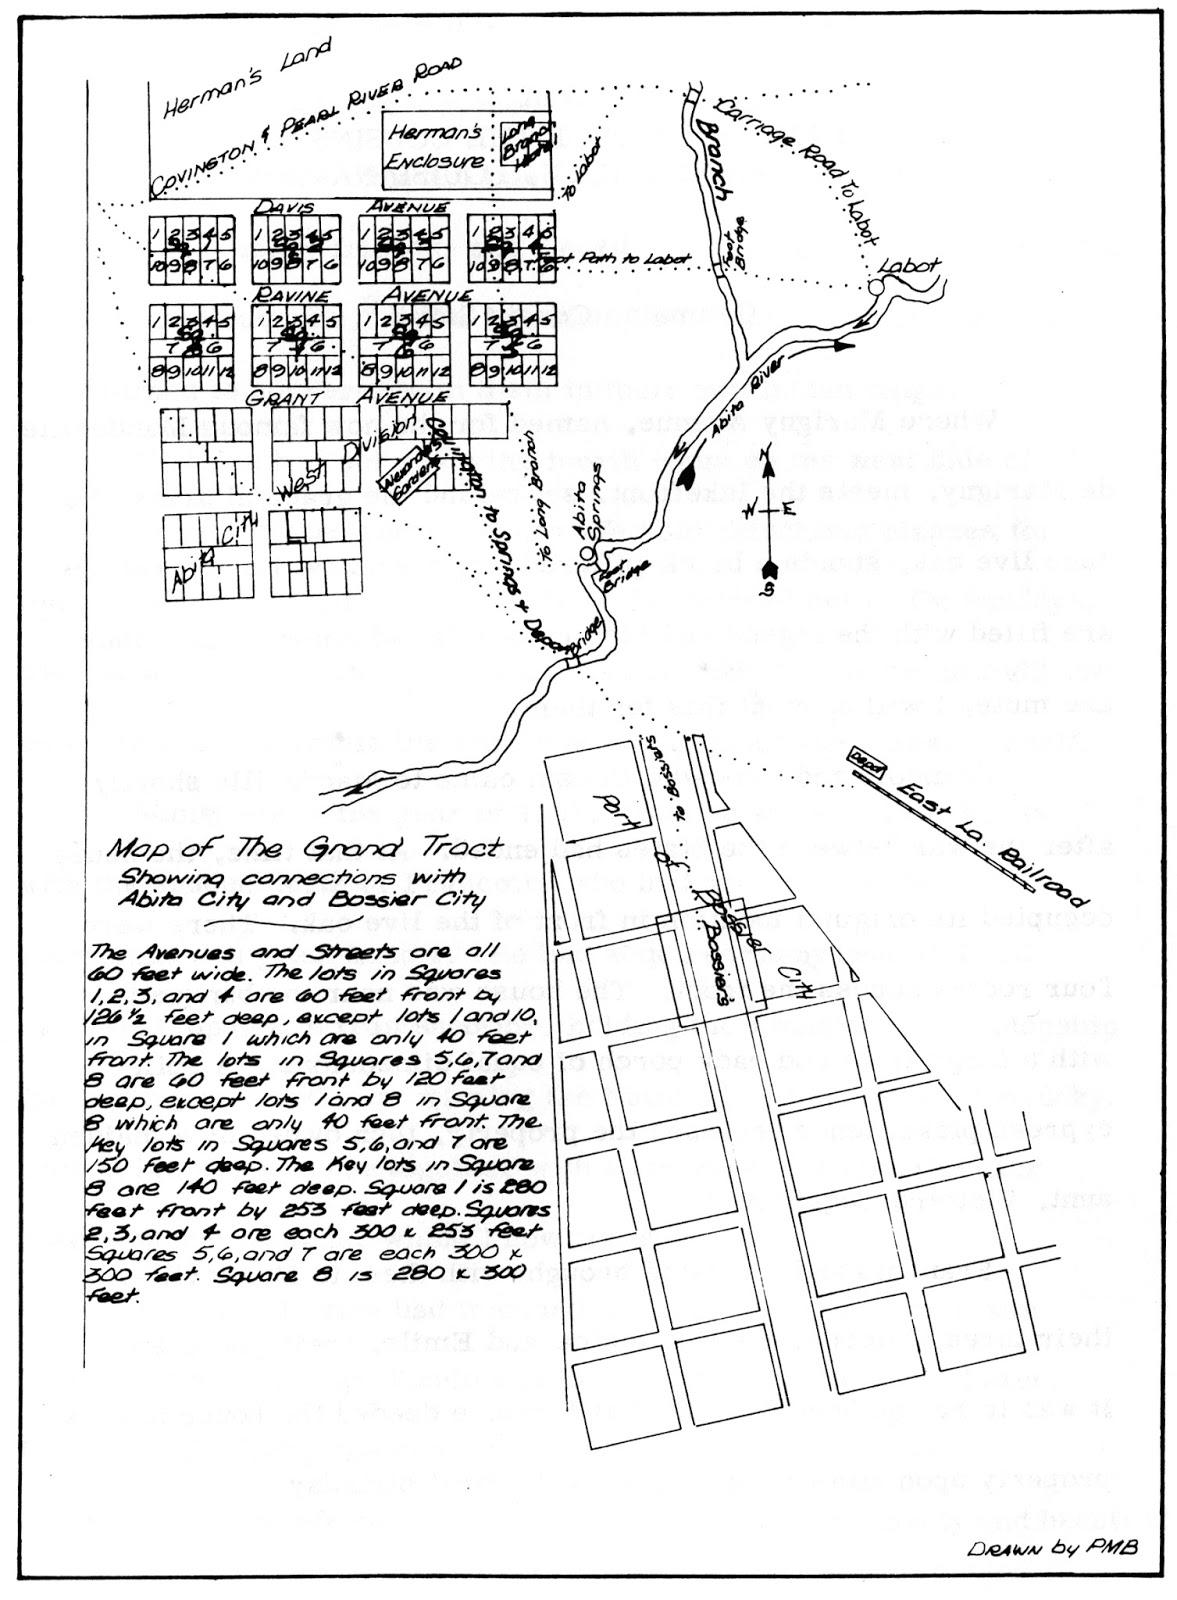 Tammany Family: Abita Springs Historic District Nationally